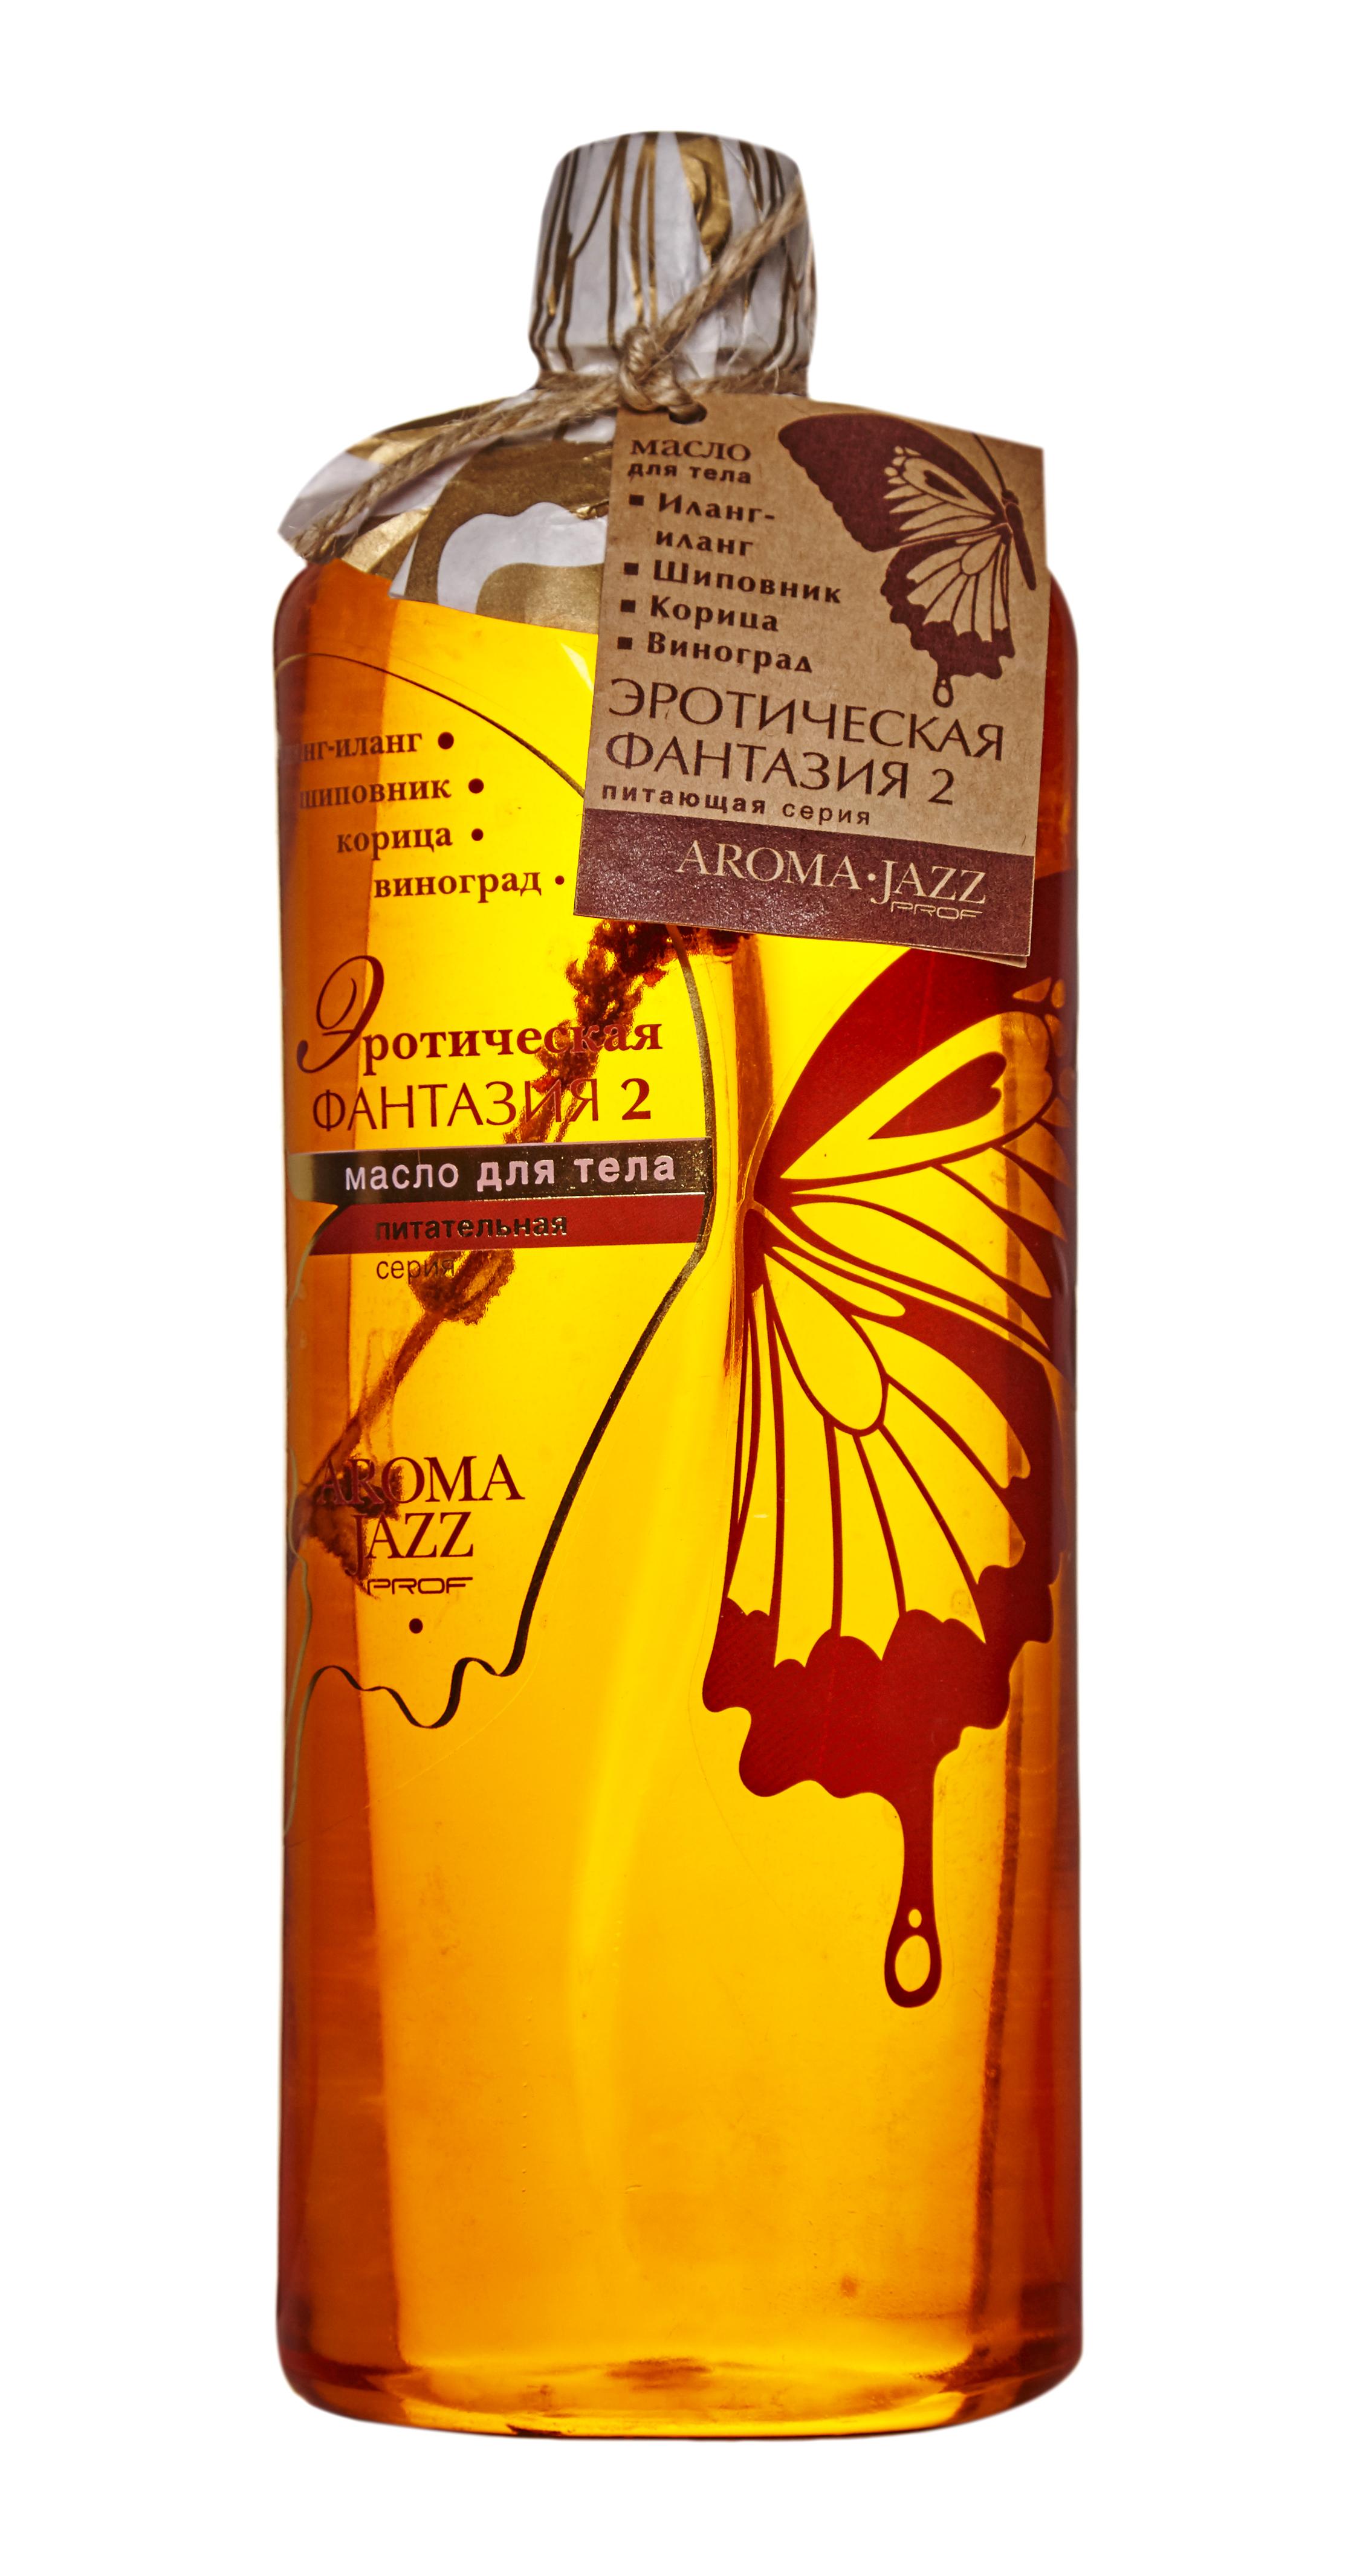 AROMA JAZZ Масло массажное жидкое для тела Романтическая фантазия для двоих 1000 мл -  Масла